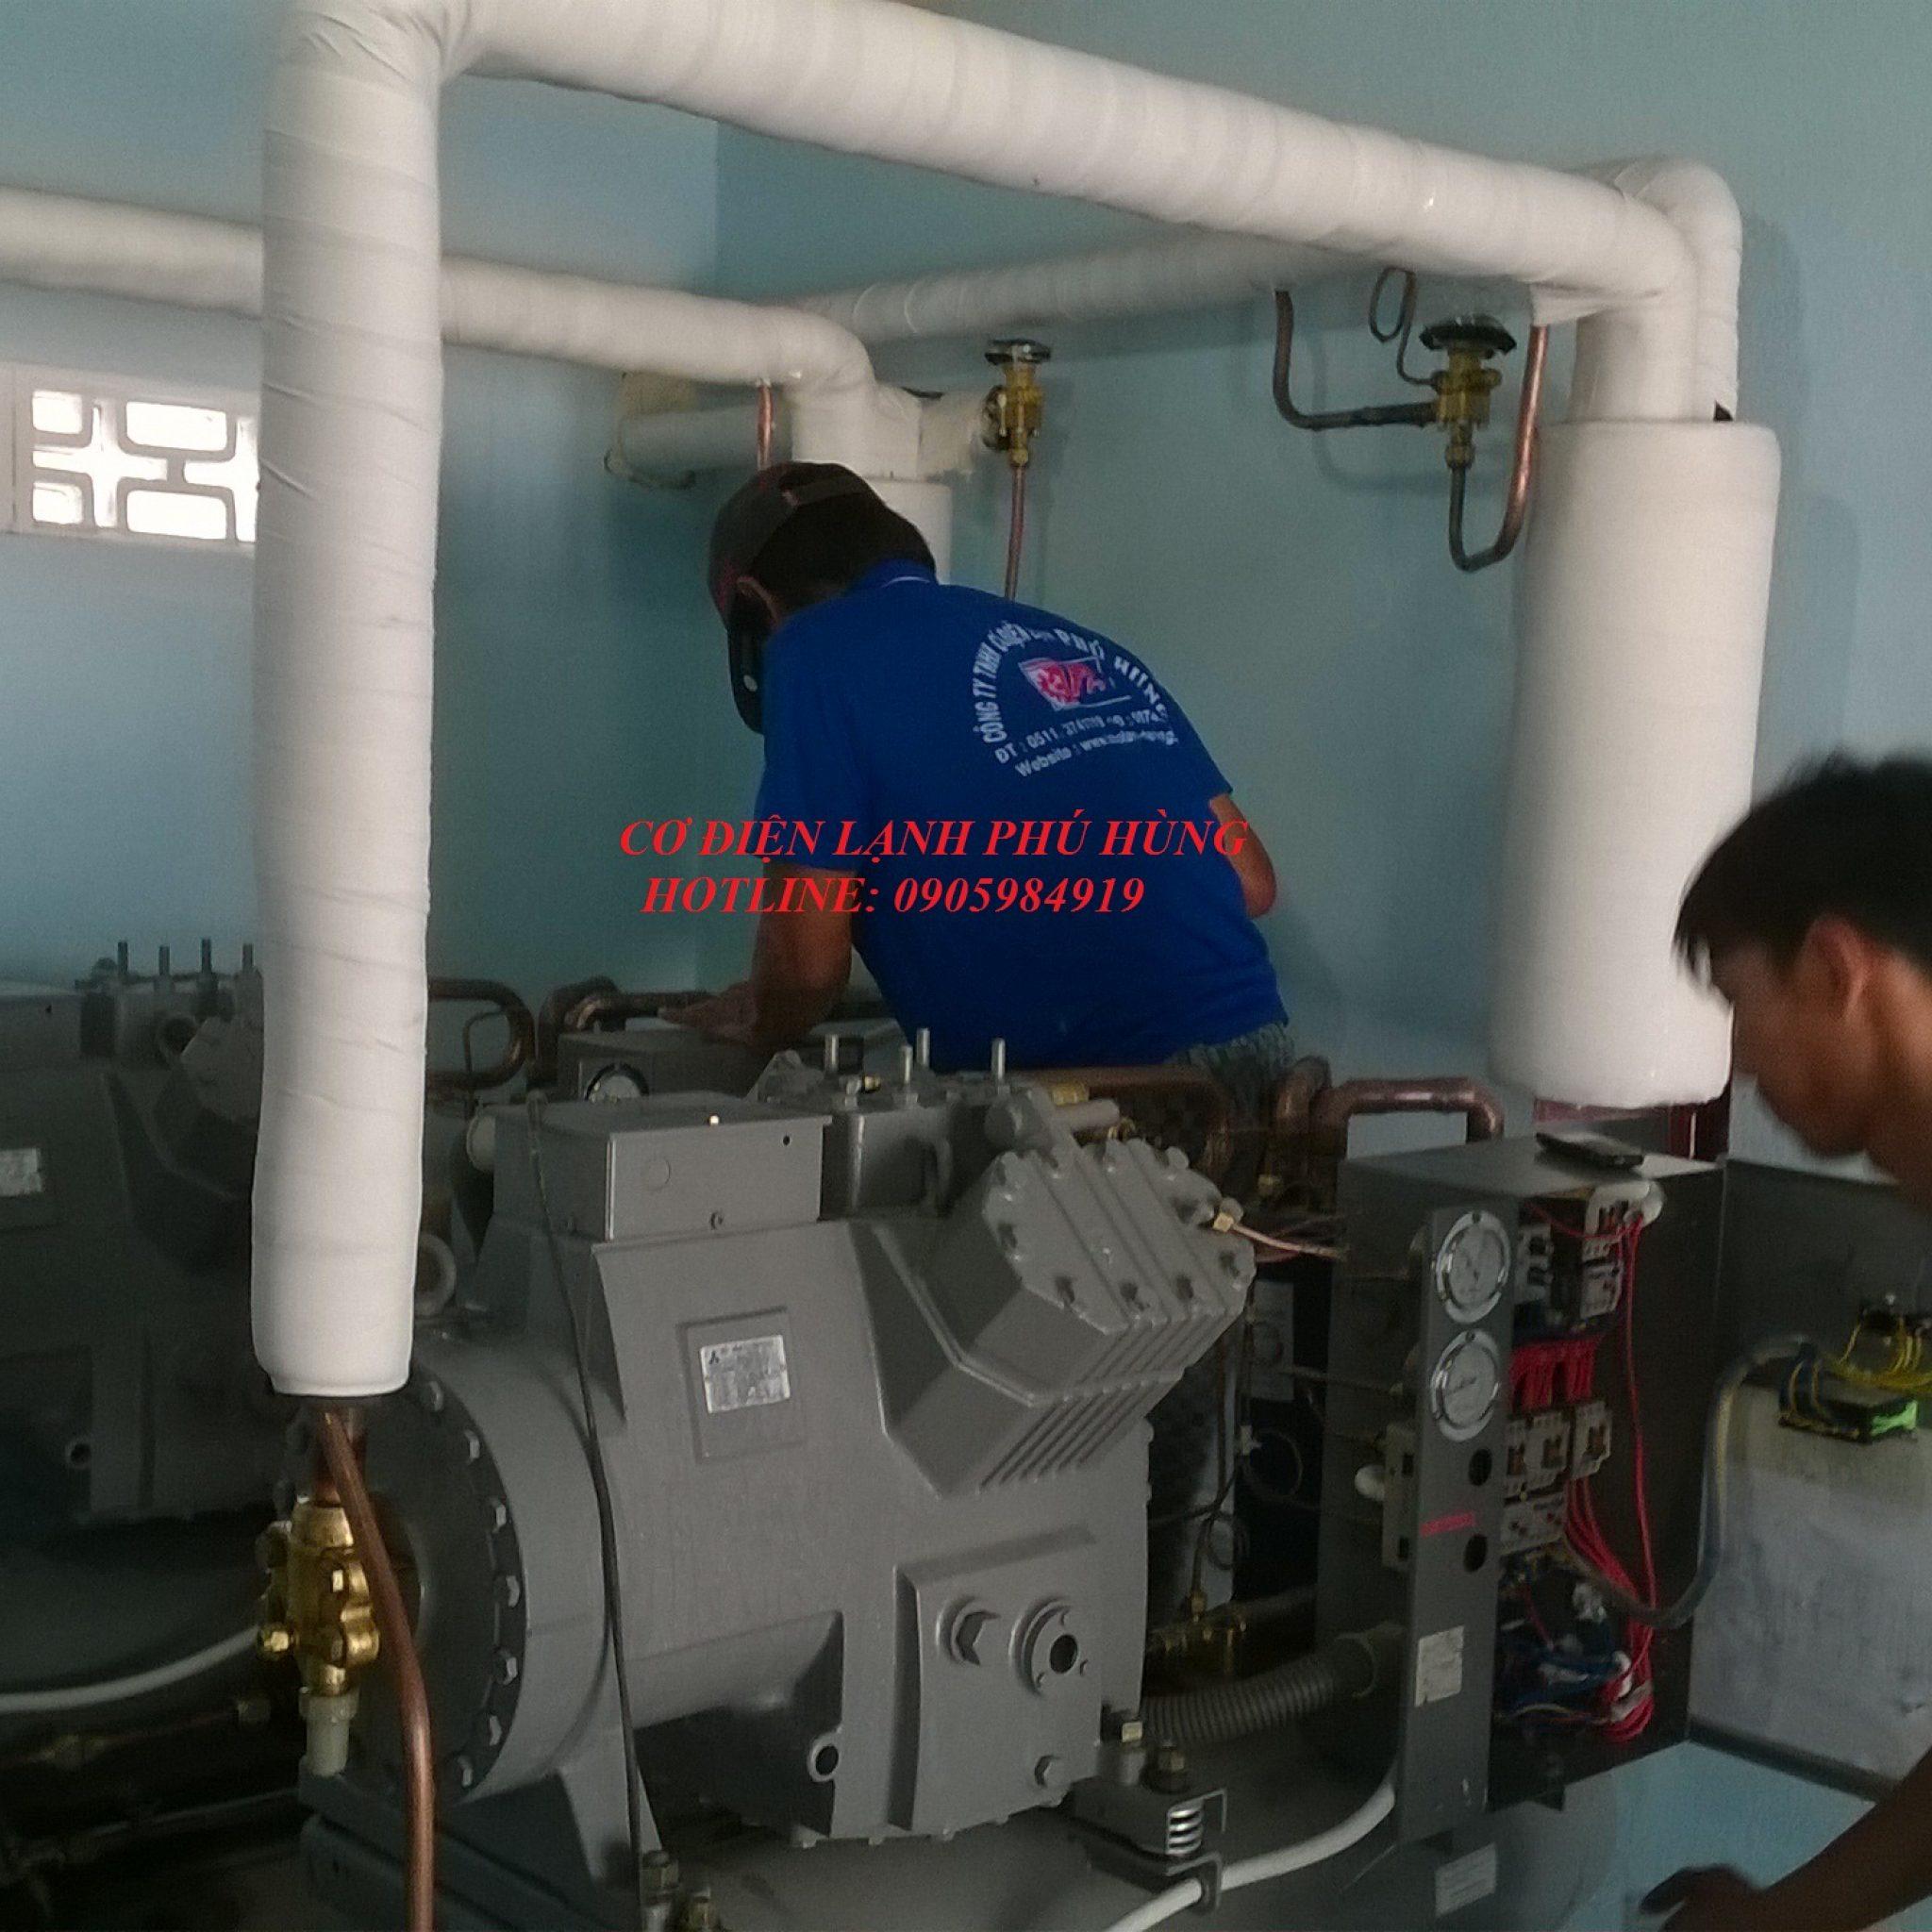 Cụm máy nén lạnh MITSUBISHImmm